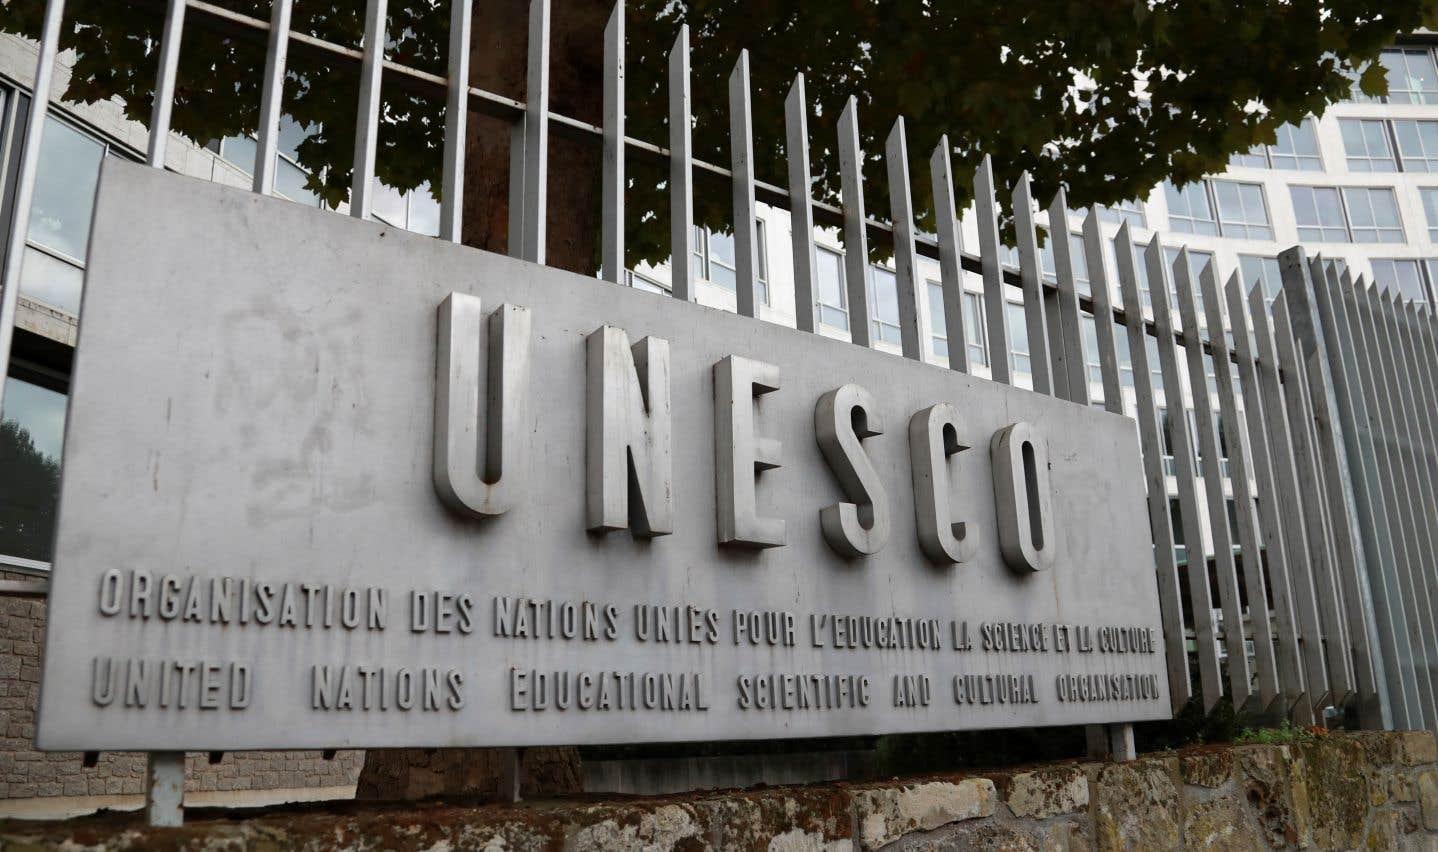 Les États-Unis et Israël quittent l'UNESCO, accusée d'être «anti-israélienne»